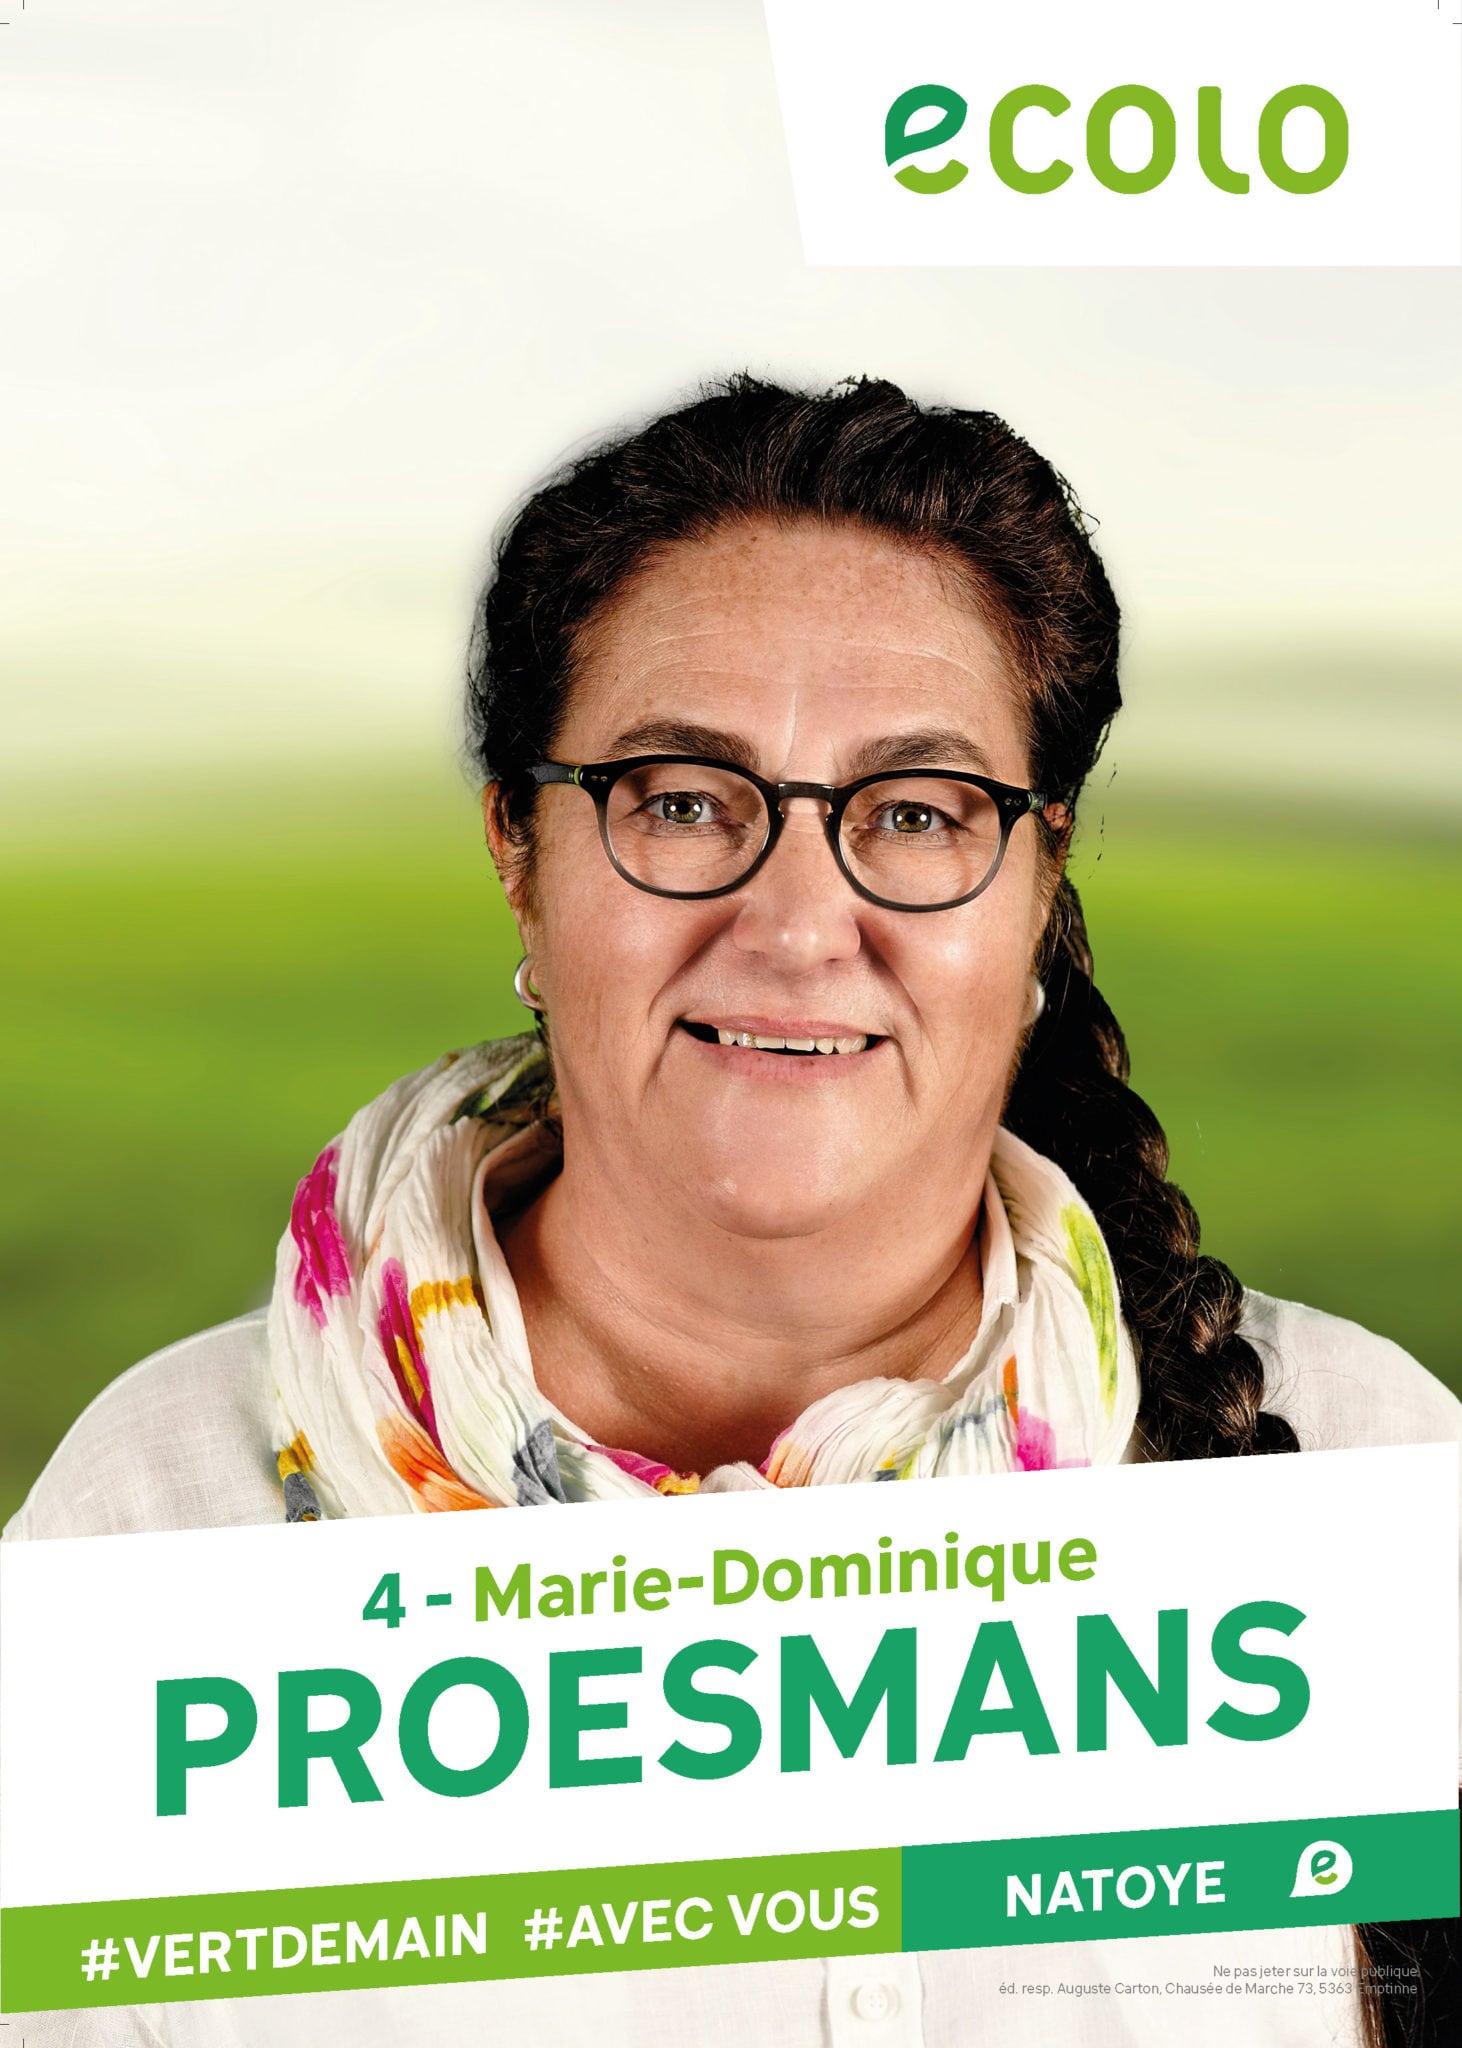 4 - Marie-Dominique PROESMANS